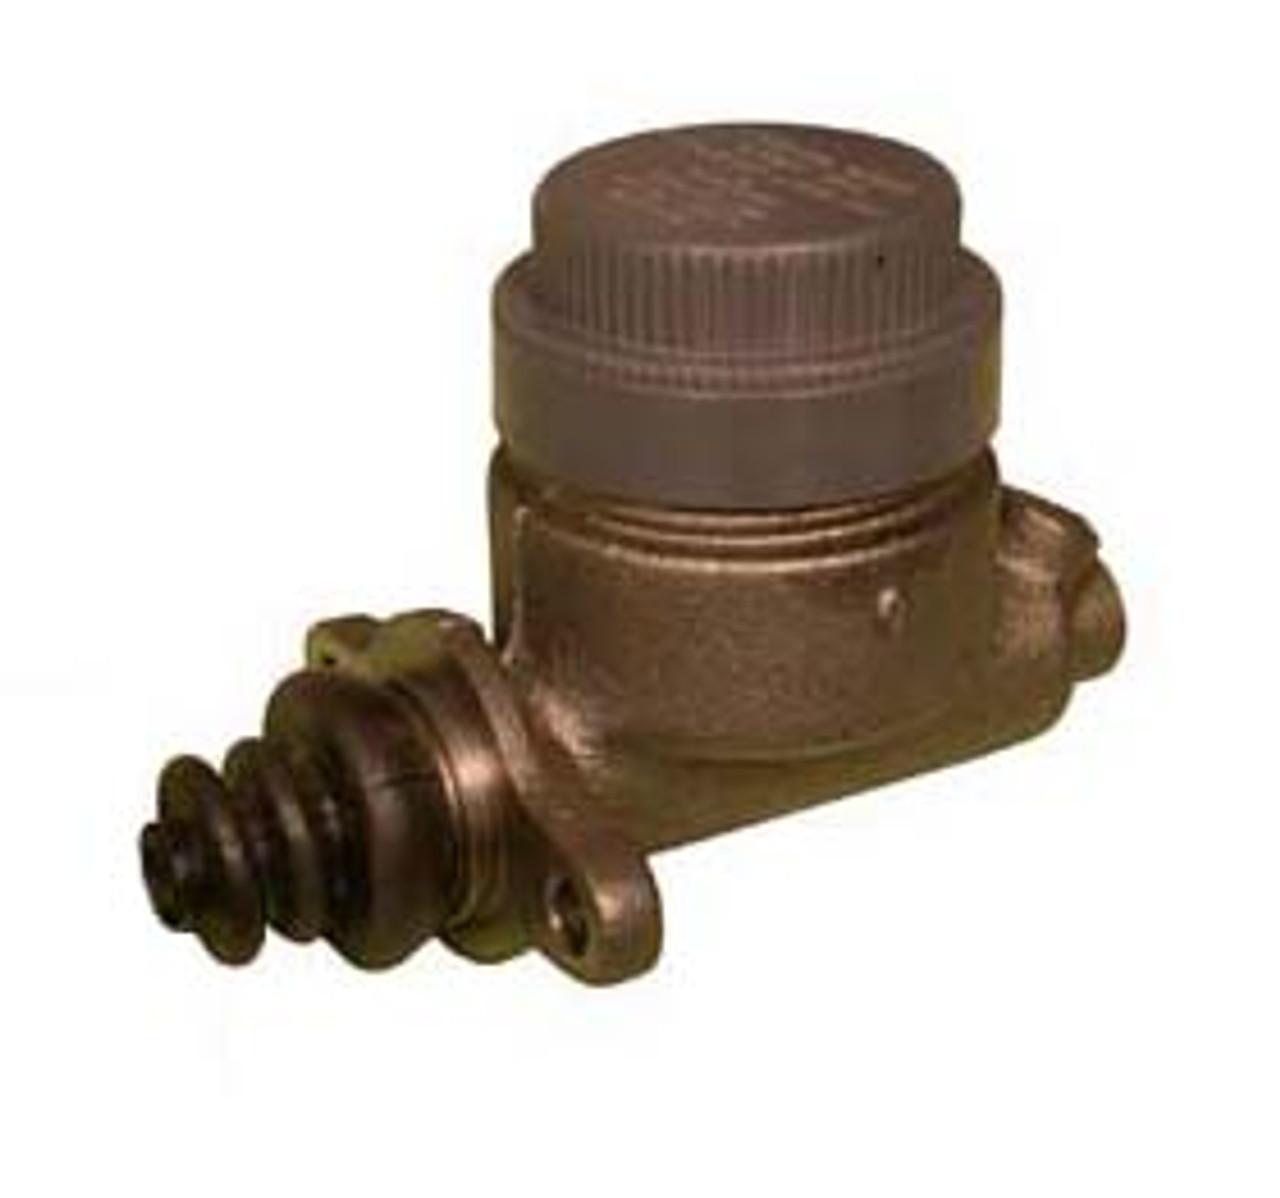 10271 --- Model 6 Master Cylinder